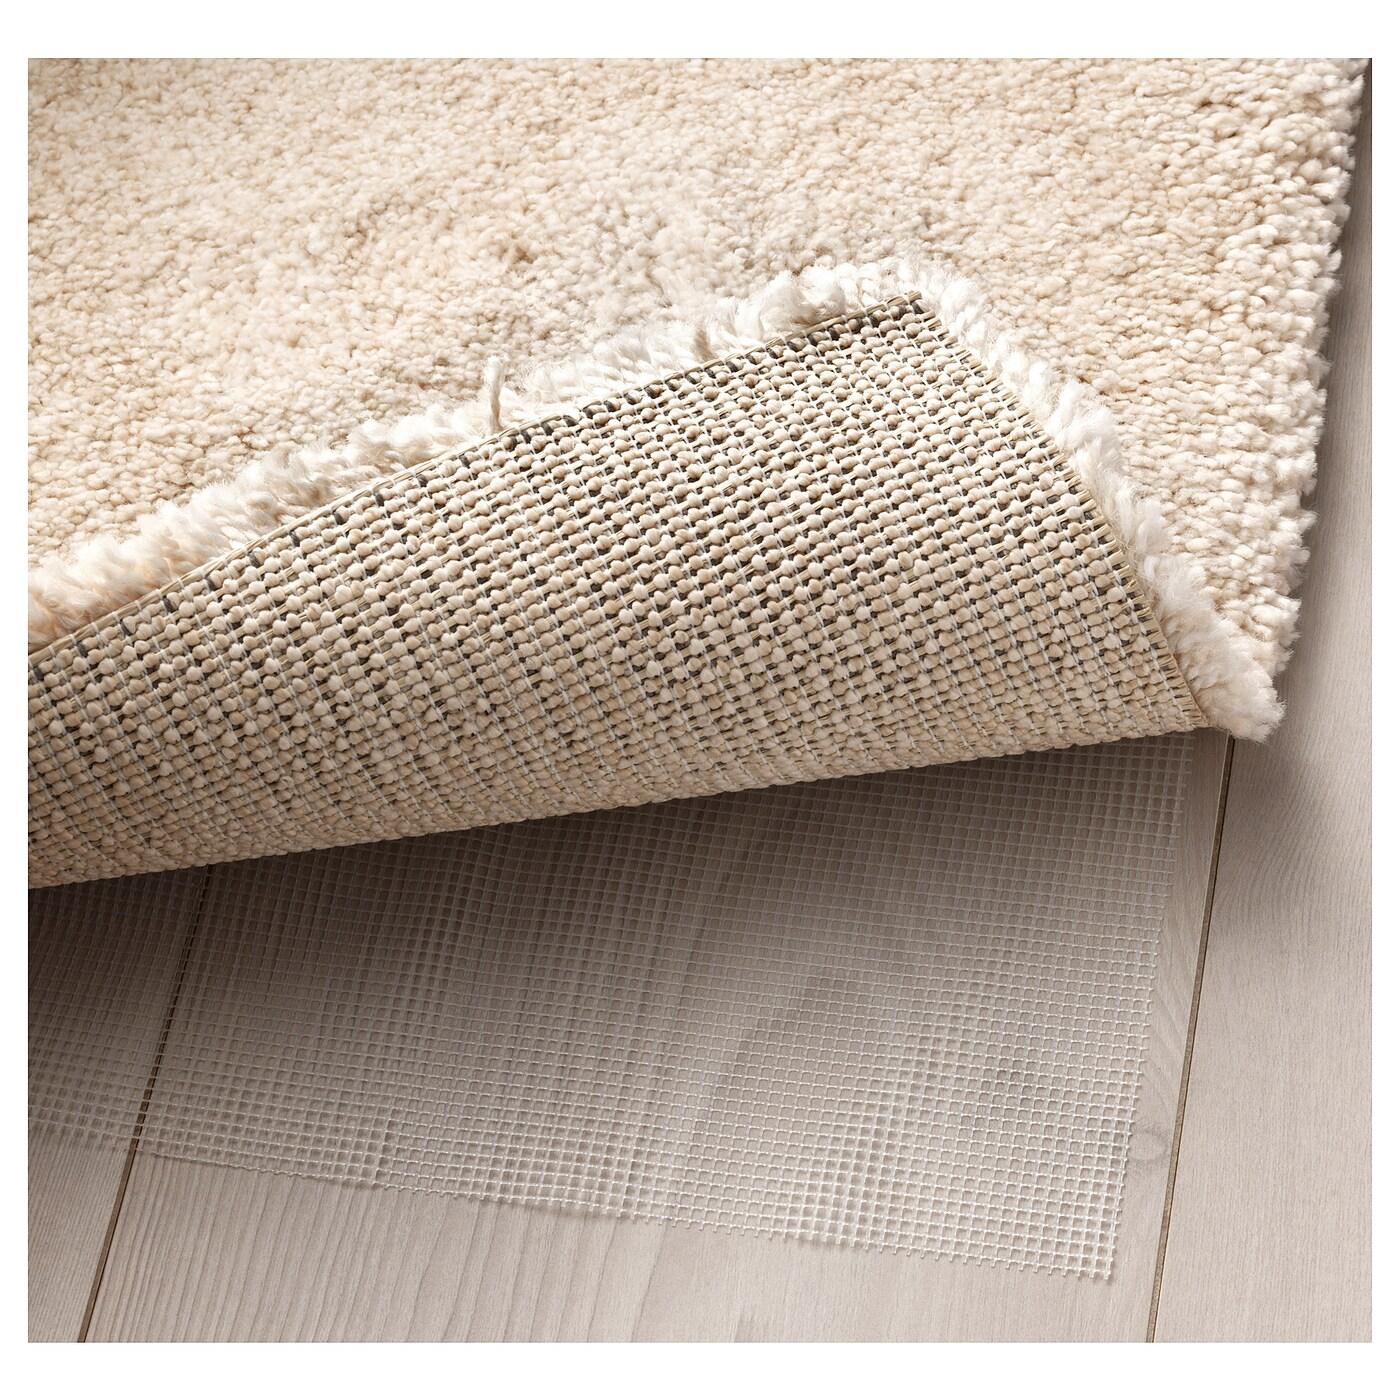 stoense teppich kurzflor elfenbeinweiss 200x300 cm